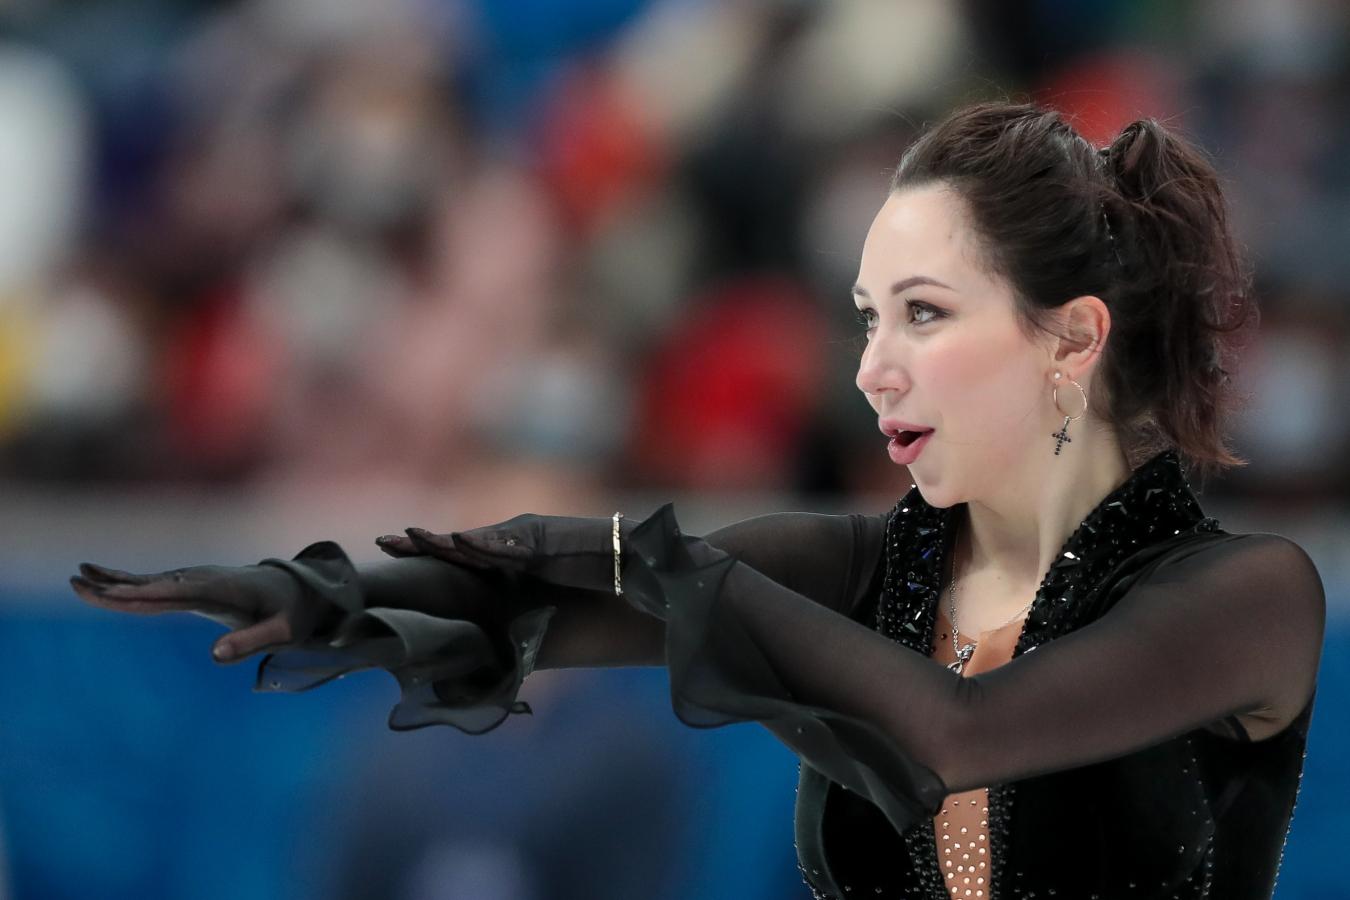 Сборная России лидирует после первого дня командного чемпионата мира по фигурному катанию